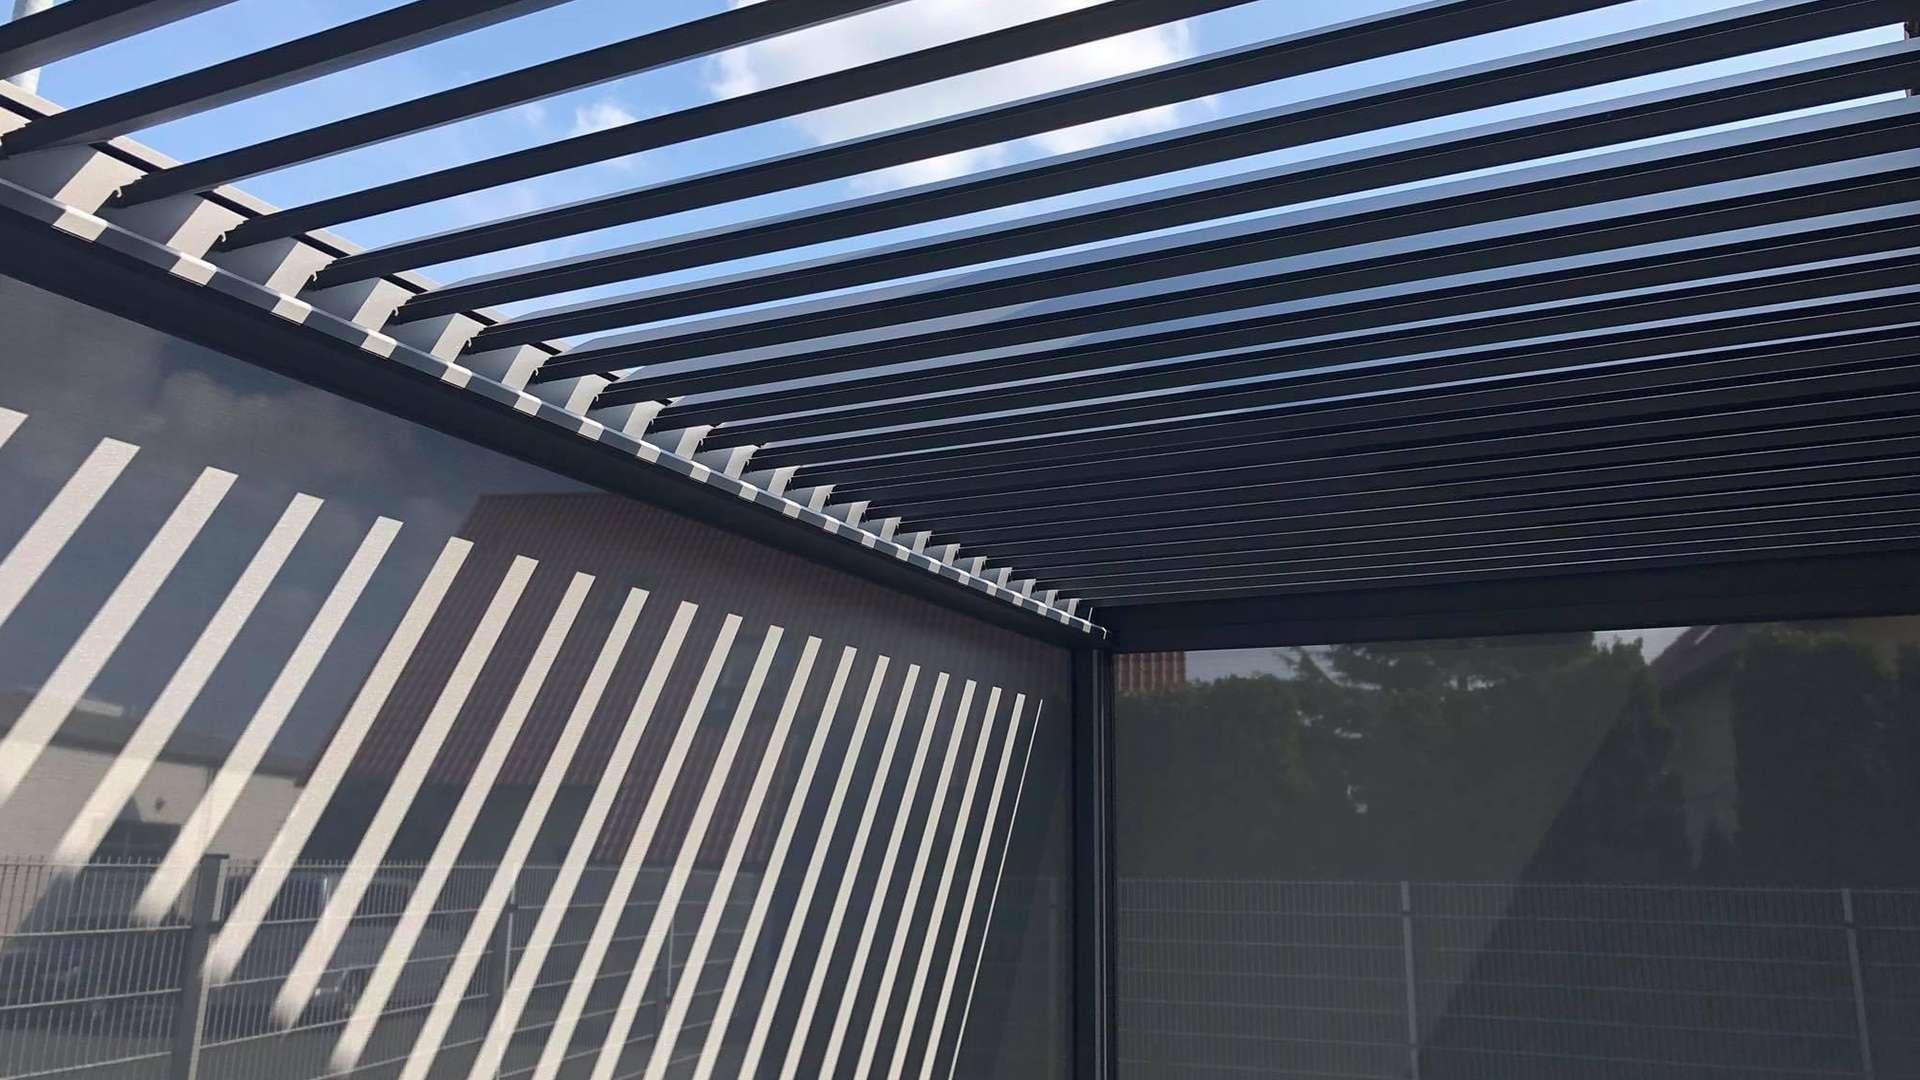 Lamaxa Lamellendach in der Außenausstellung von Knobloch in Gardelegen